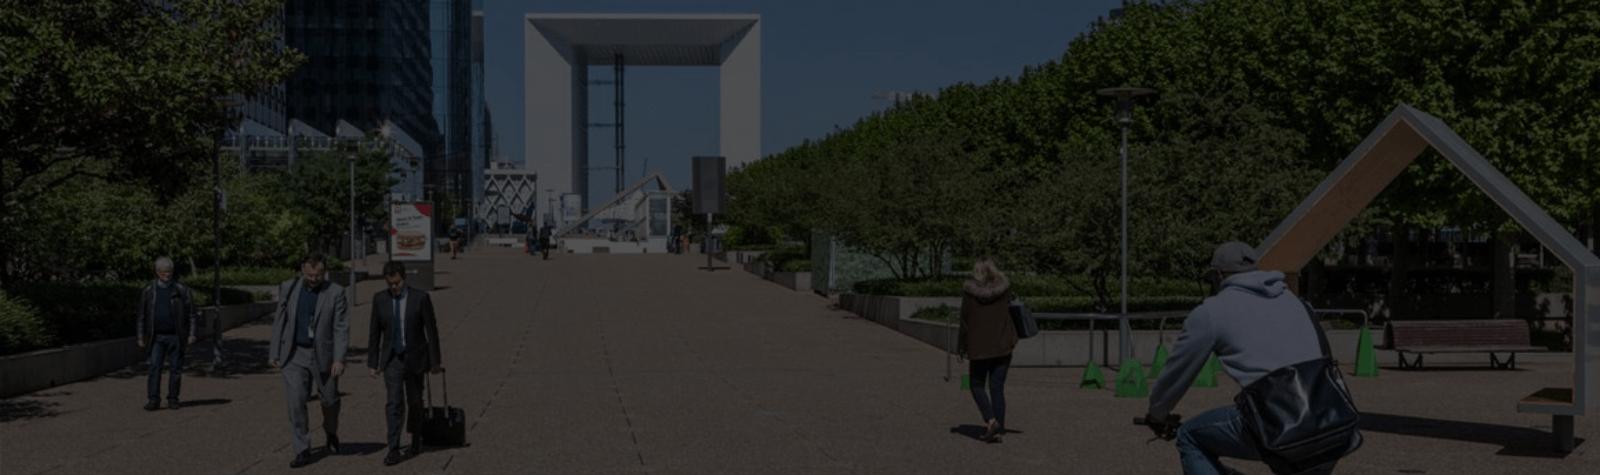 La circulation des vélos dans les voies couvertes de Paris La Défense autorisée